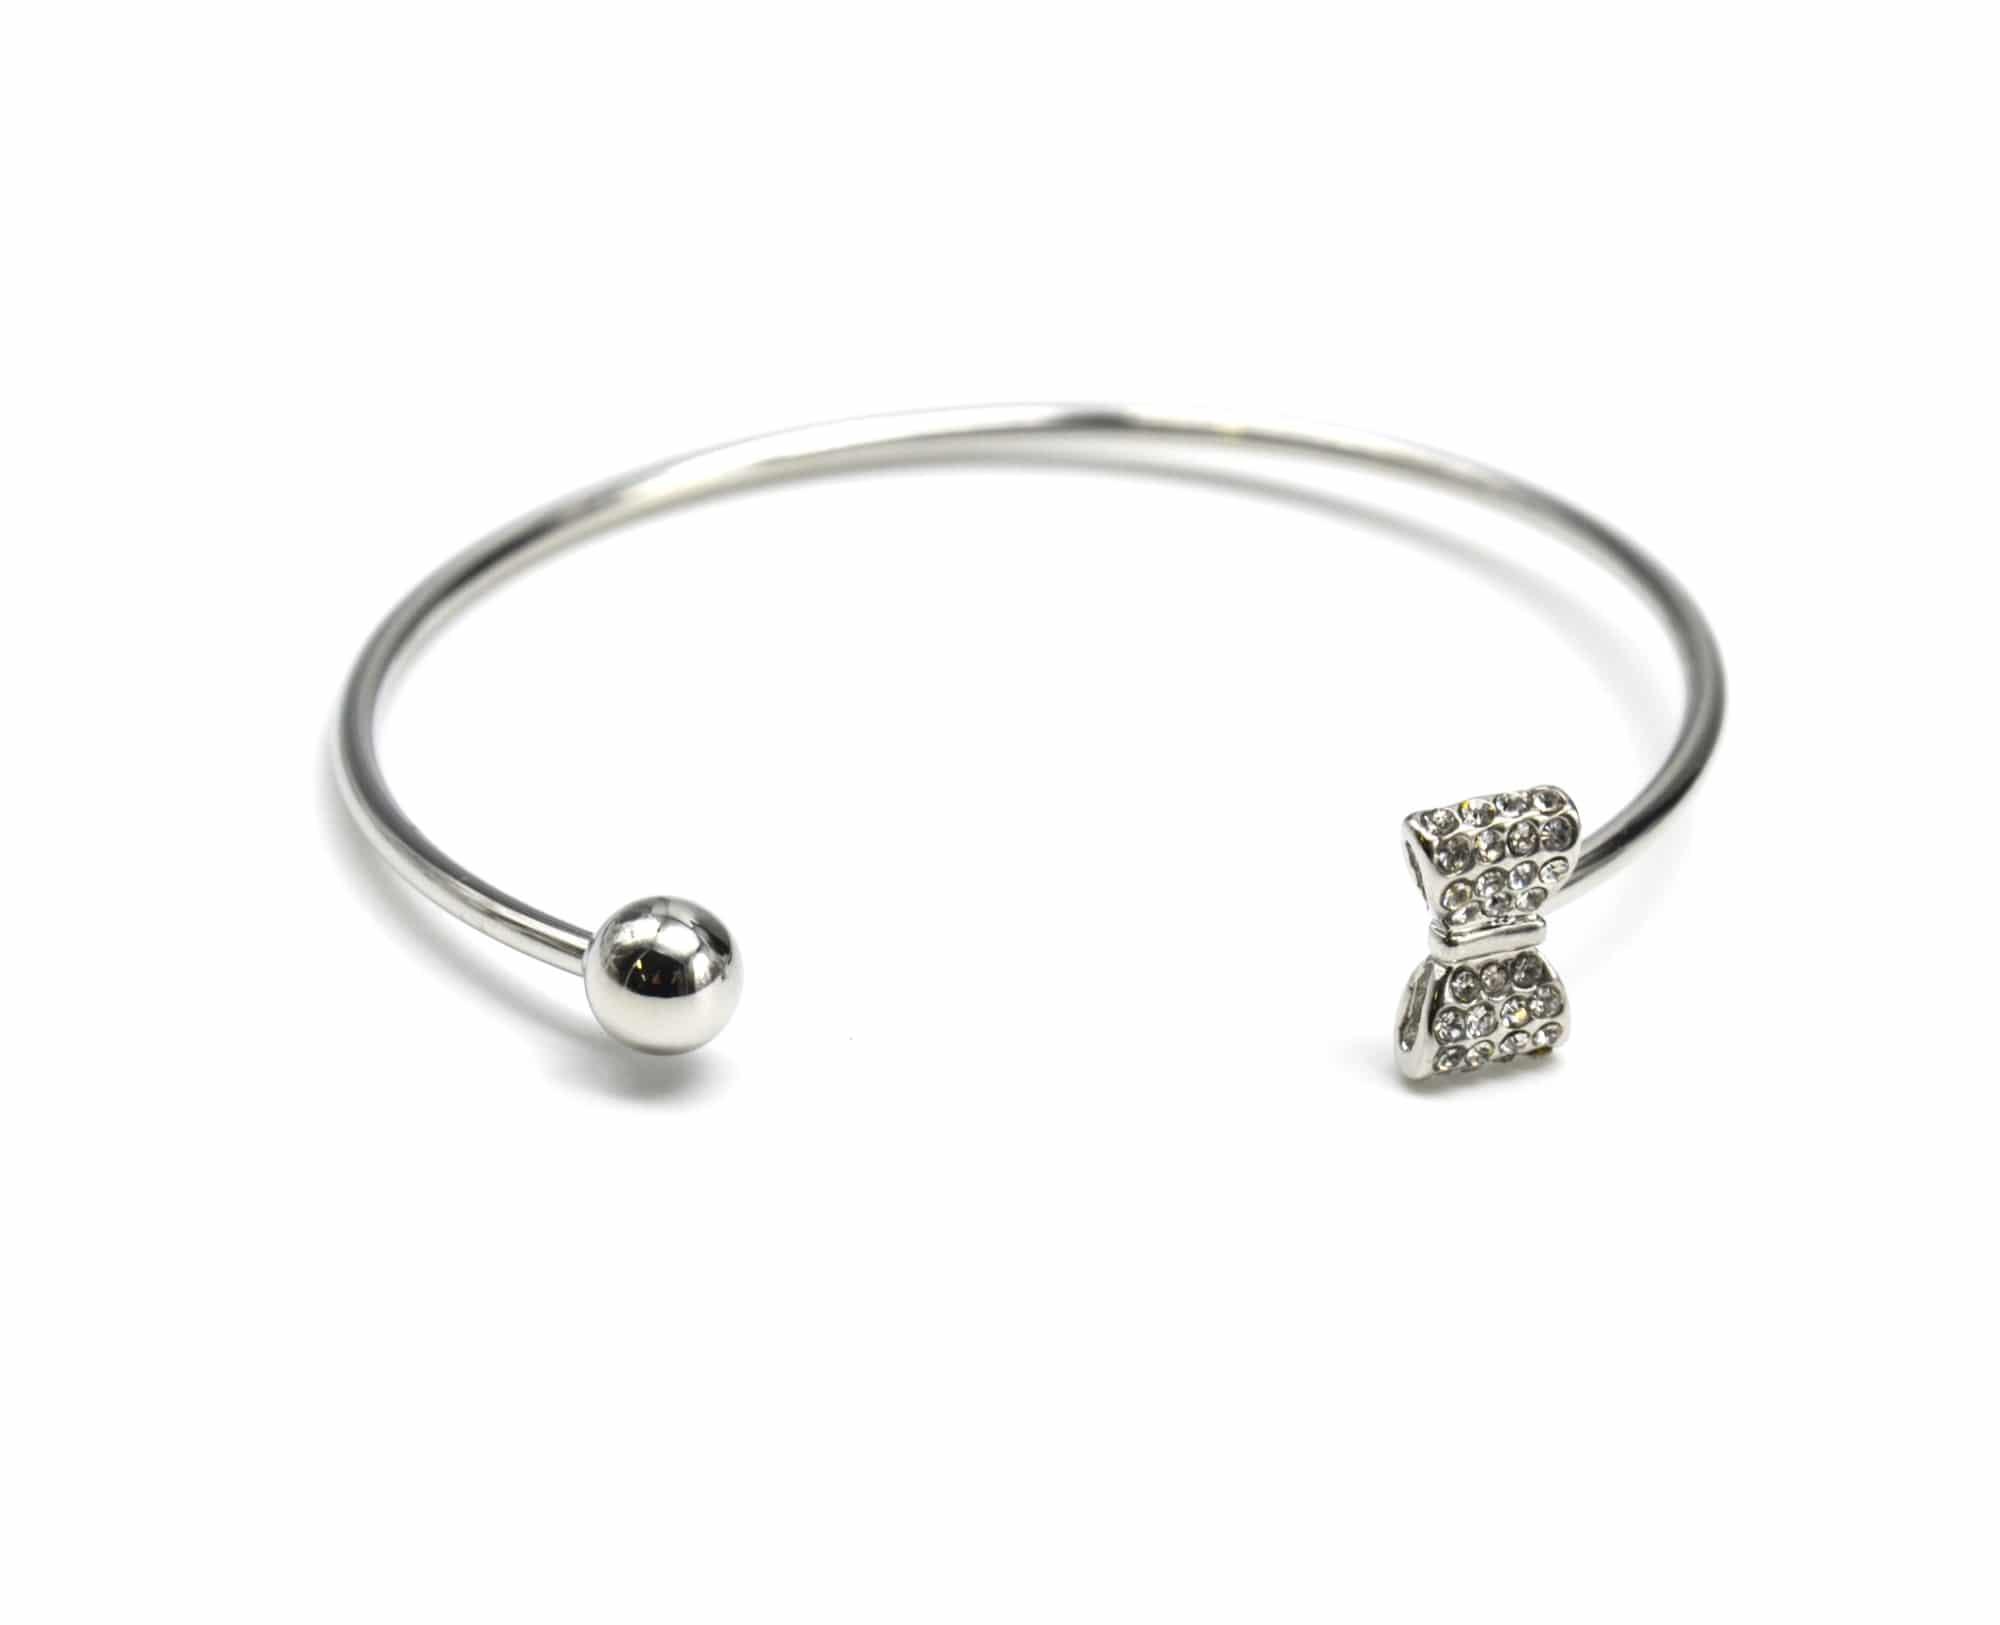 e40aeb453c41b BC1482E – Bracelet Jonc Ouvert avec Boule Métal Argenté et Noeud Bow Strass  – Mode Fantaisie